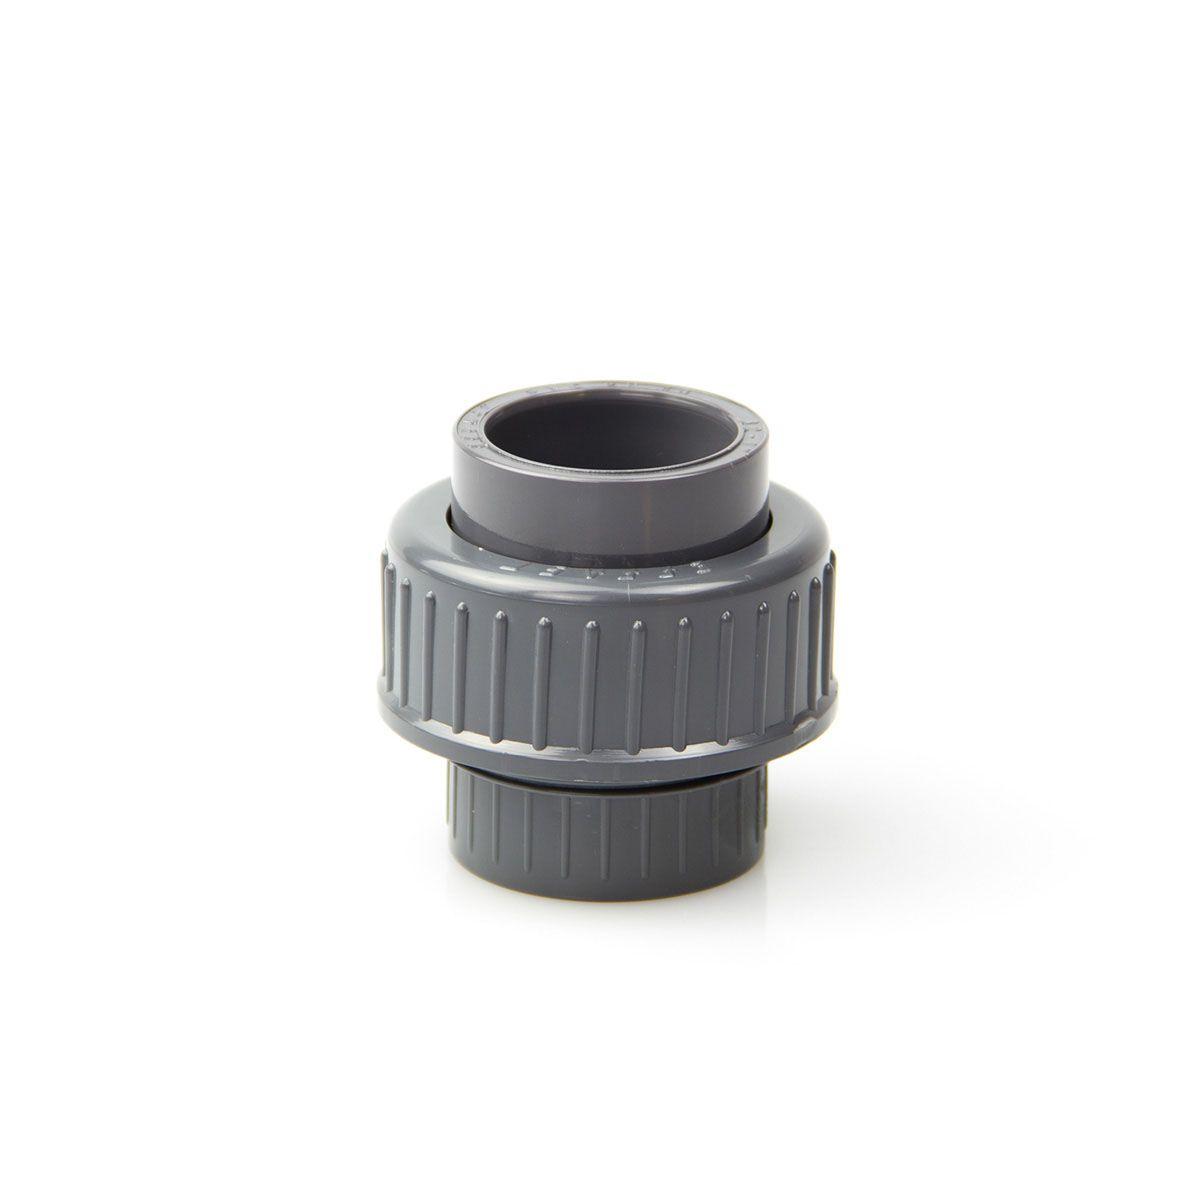 Verschraubung zum Kleben, aus PVC, grau, D 16 mm, PN 16